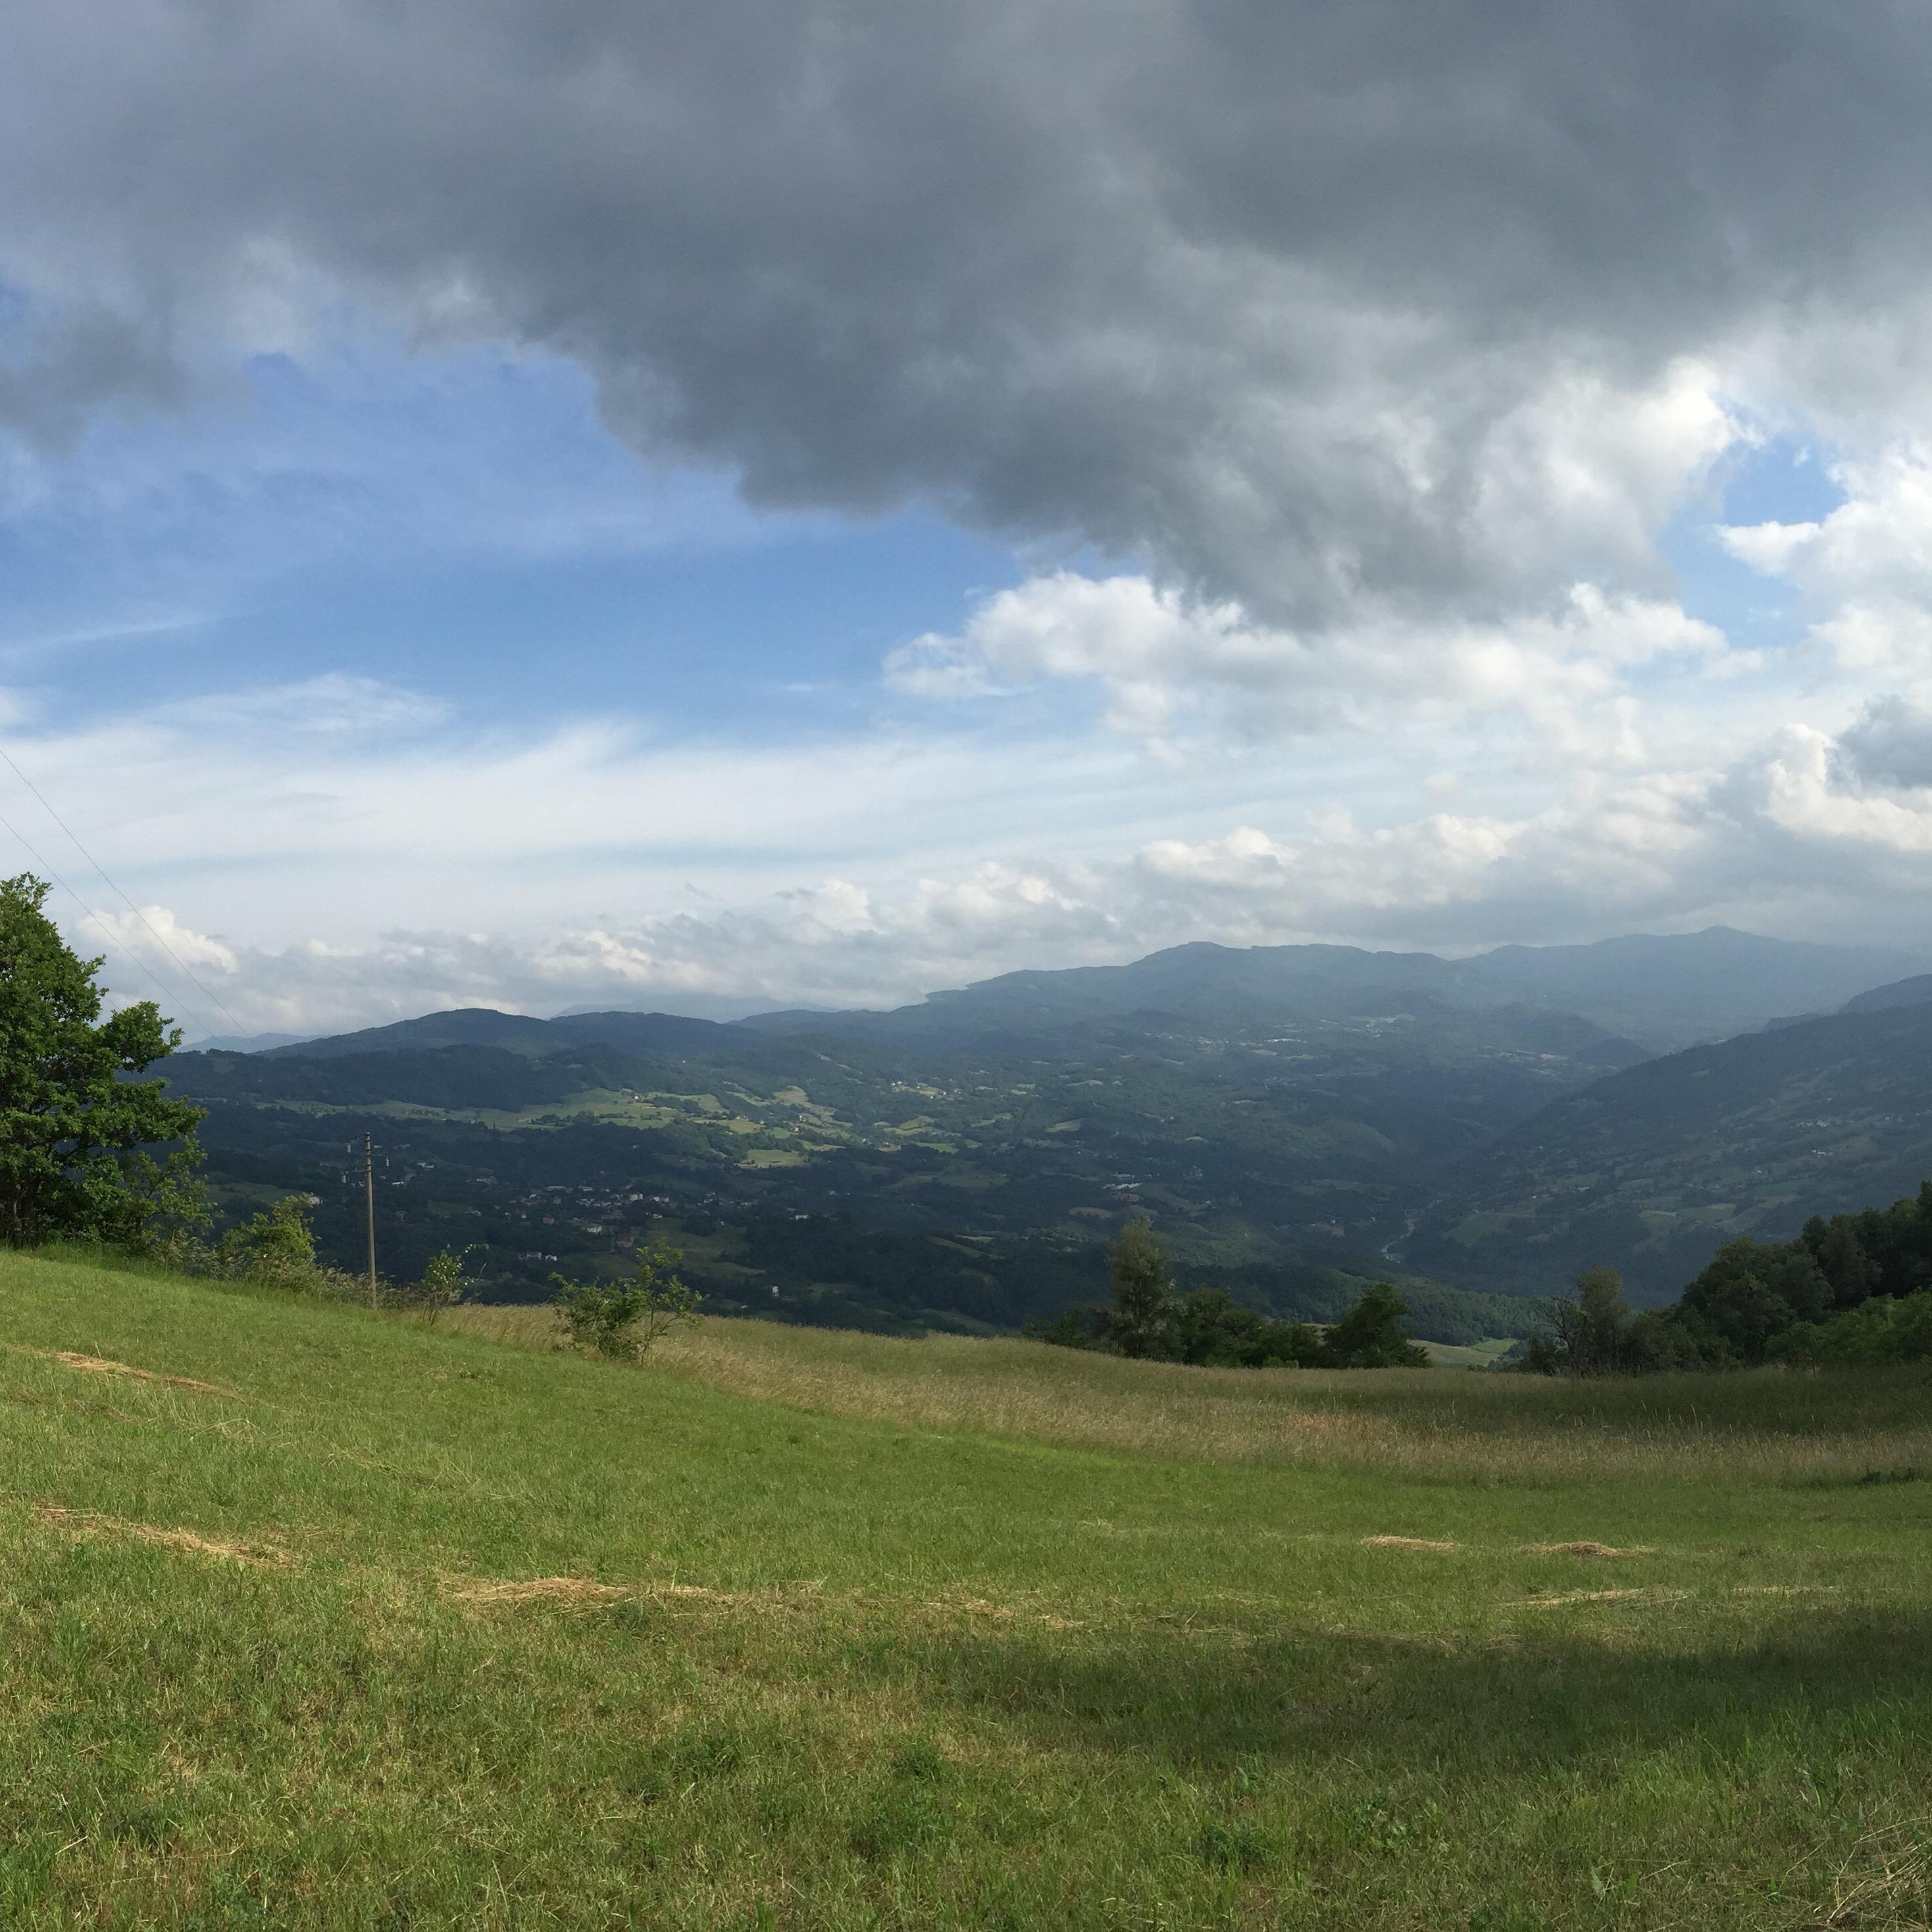 Panorama dalla vetta del Monte Santa Giulia, alle cui pendici si trovano alcune delle località in cui i partigiani della zona libera resistettero più a lungo